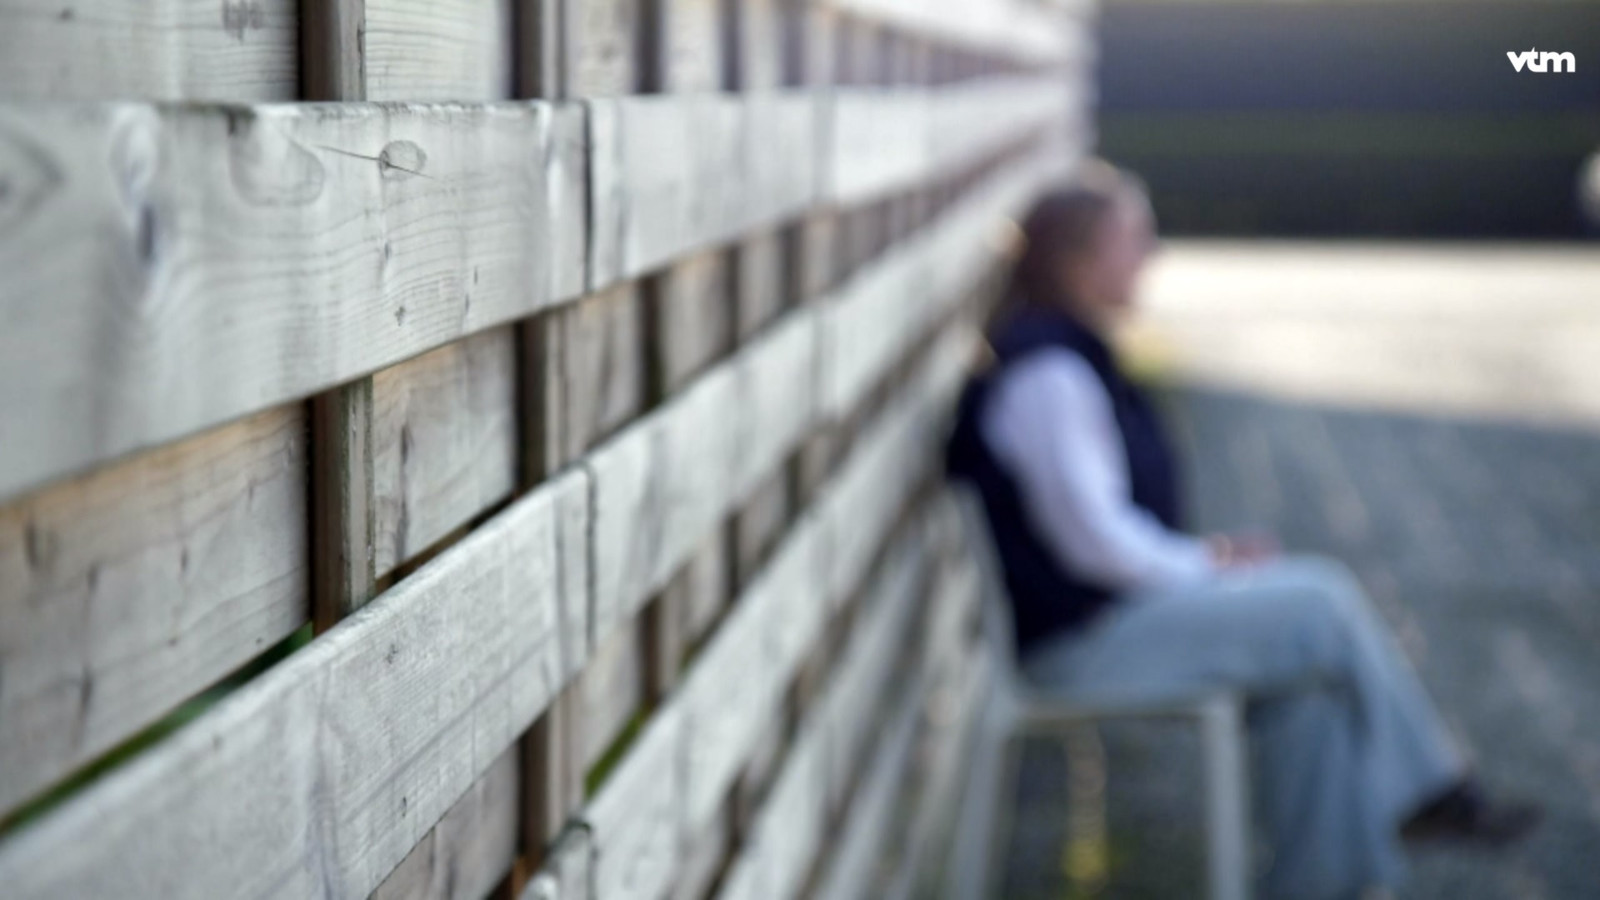 Het slachtoffer getuigt in het Belgische opsporingsprogramma Faroek over de feiten.